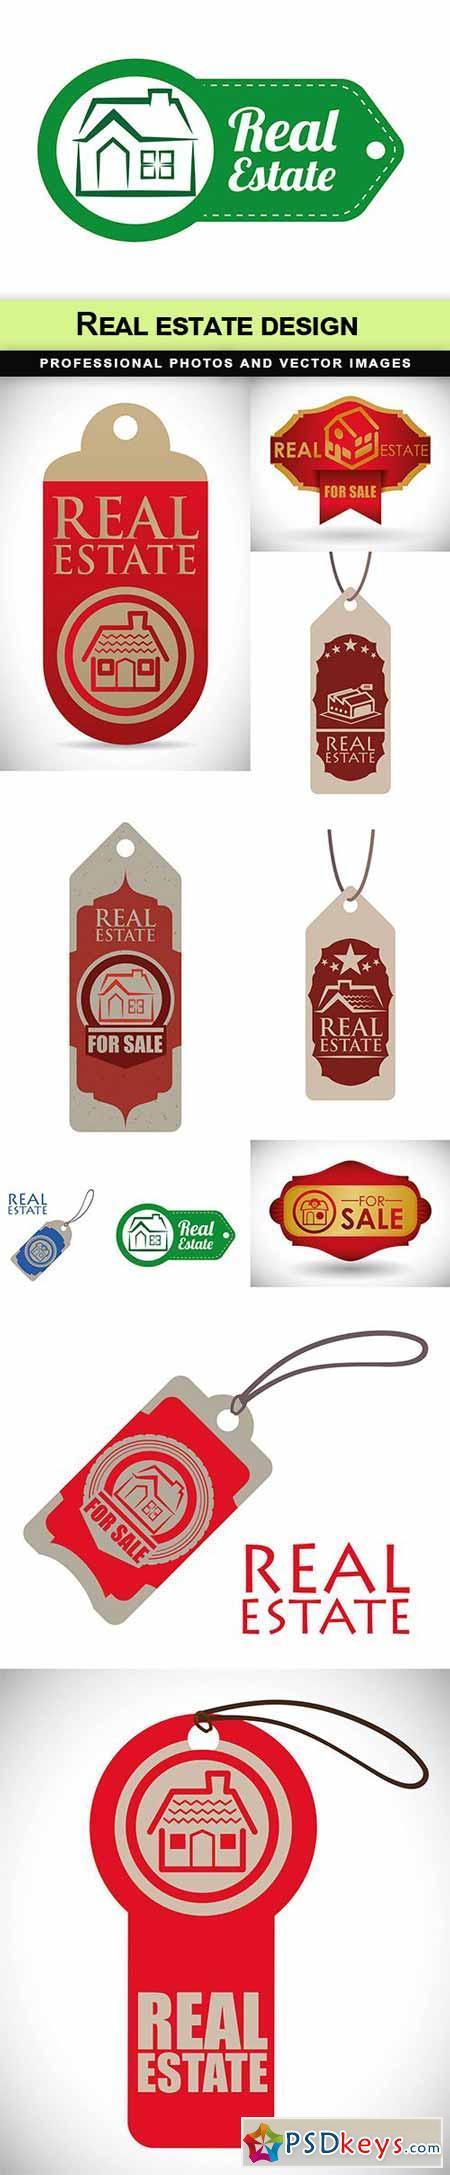 Real estate design - 10 EPS